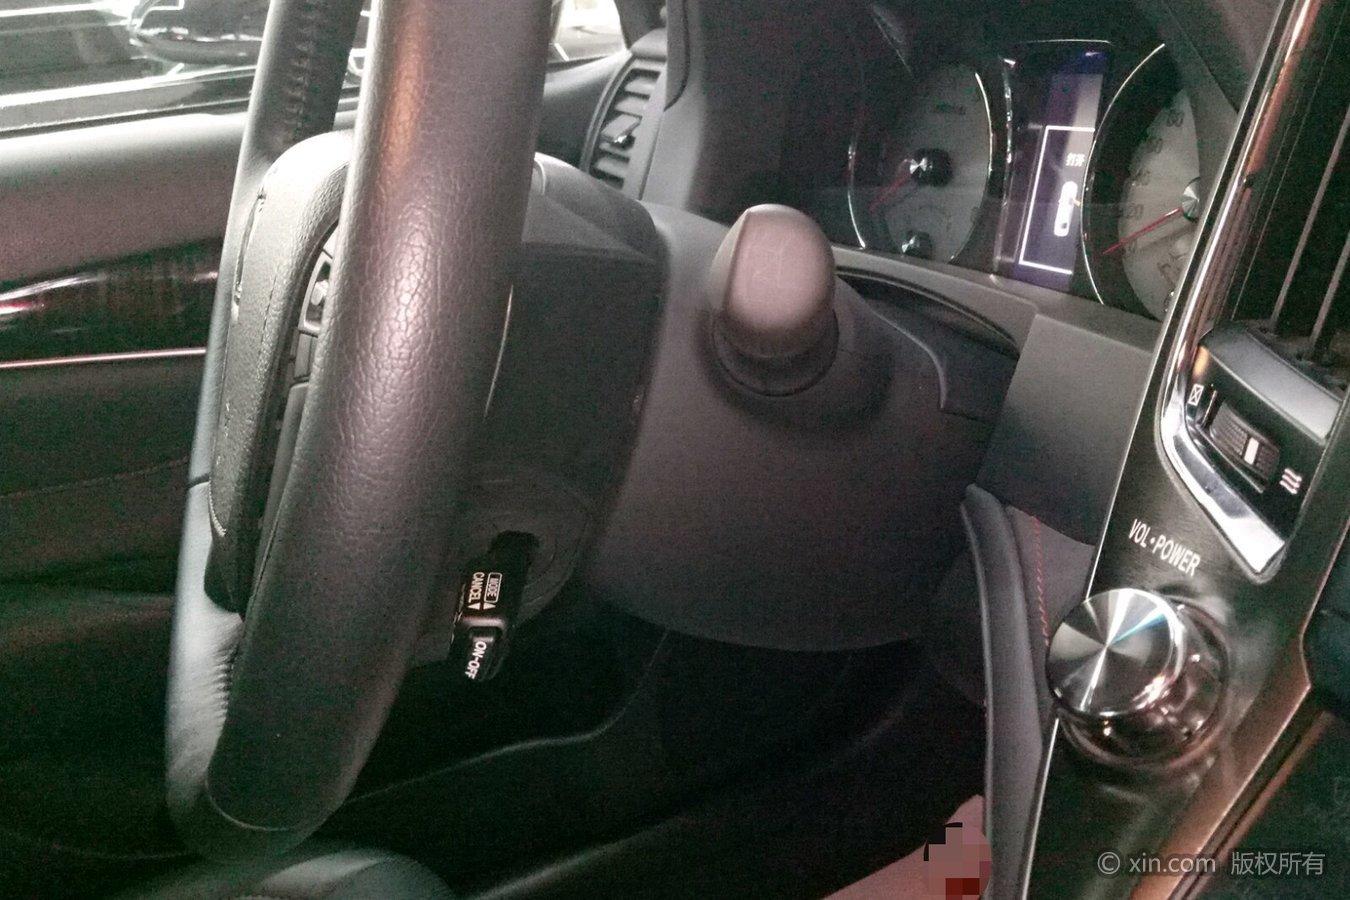 丰田皇冠方向盘右下配置